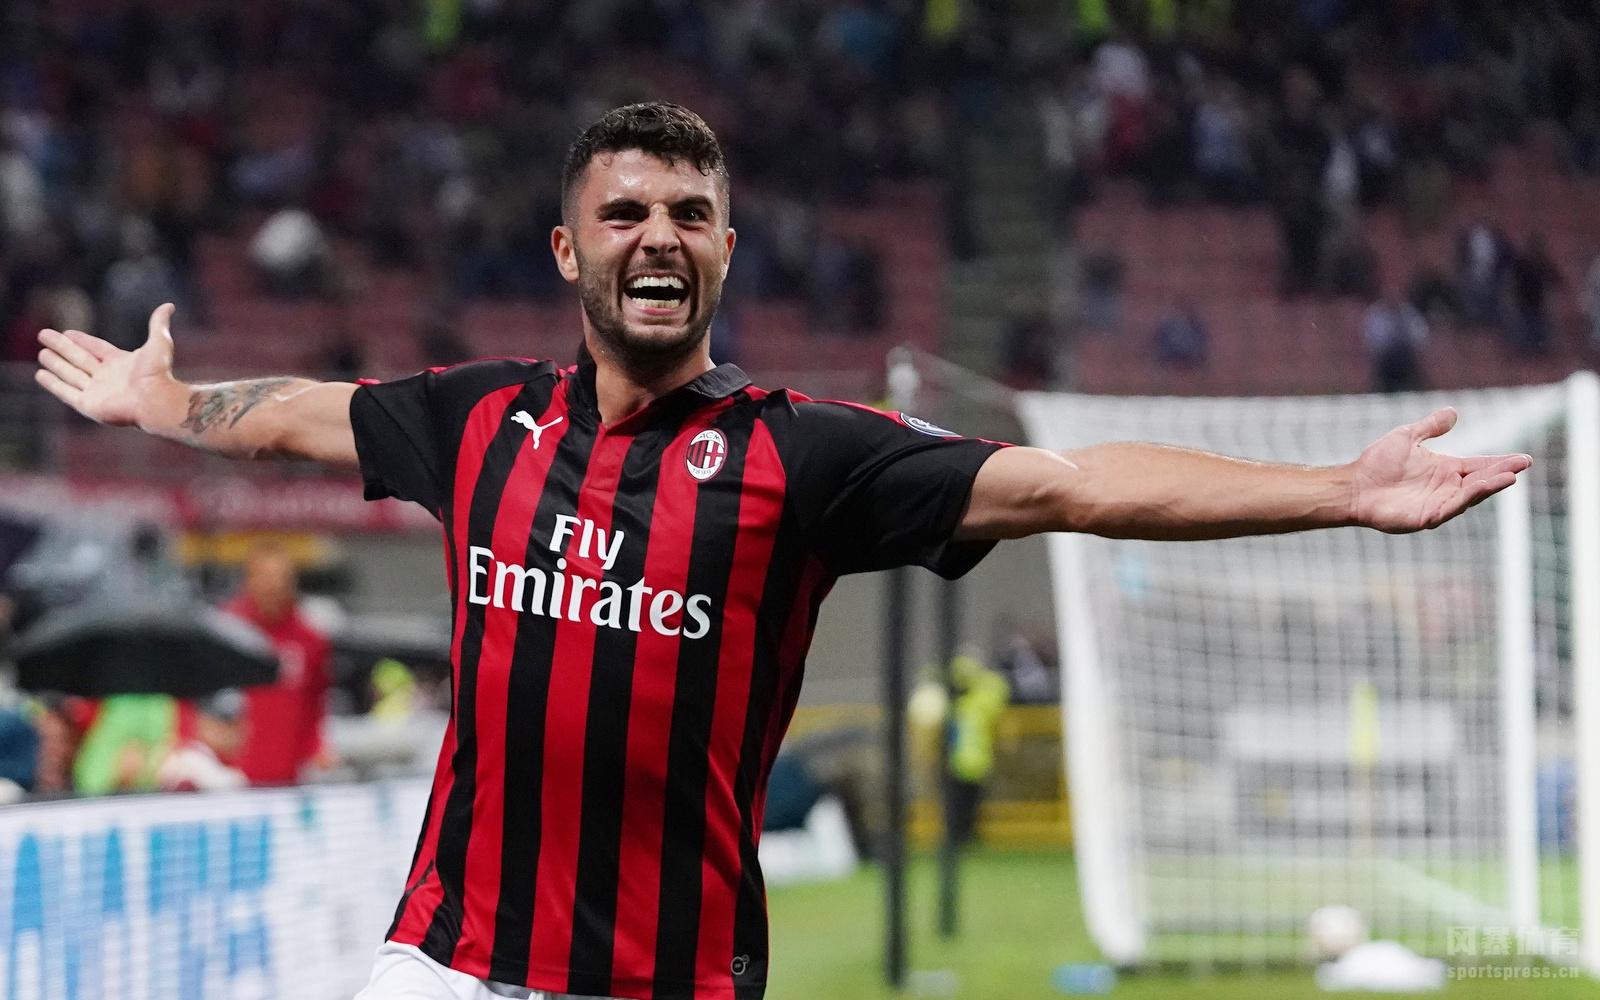 米兰2-1罗马夺新赛季首胜 库特罗内绝杀伊瓜因进球被吹